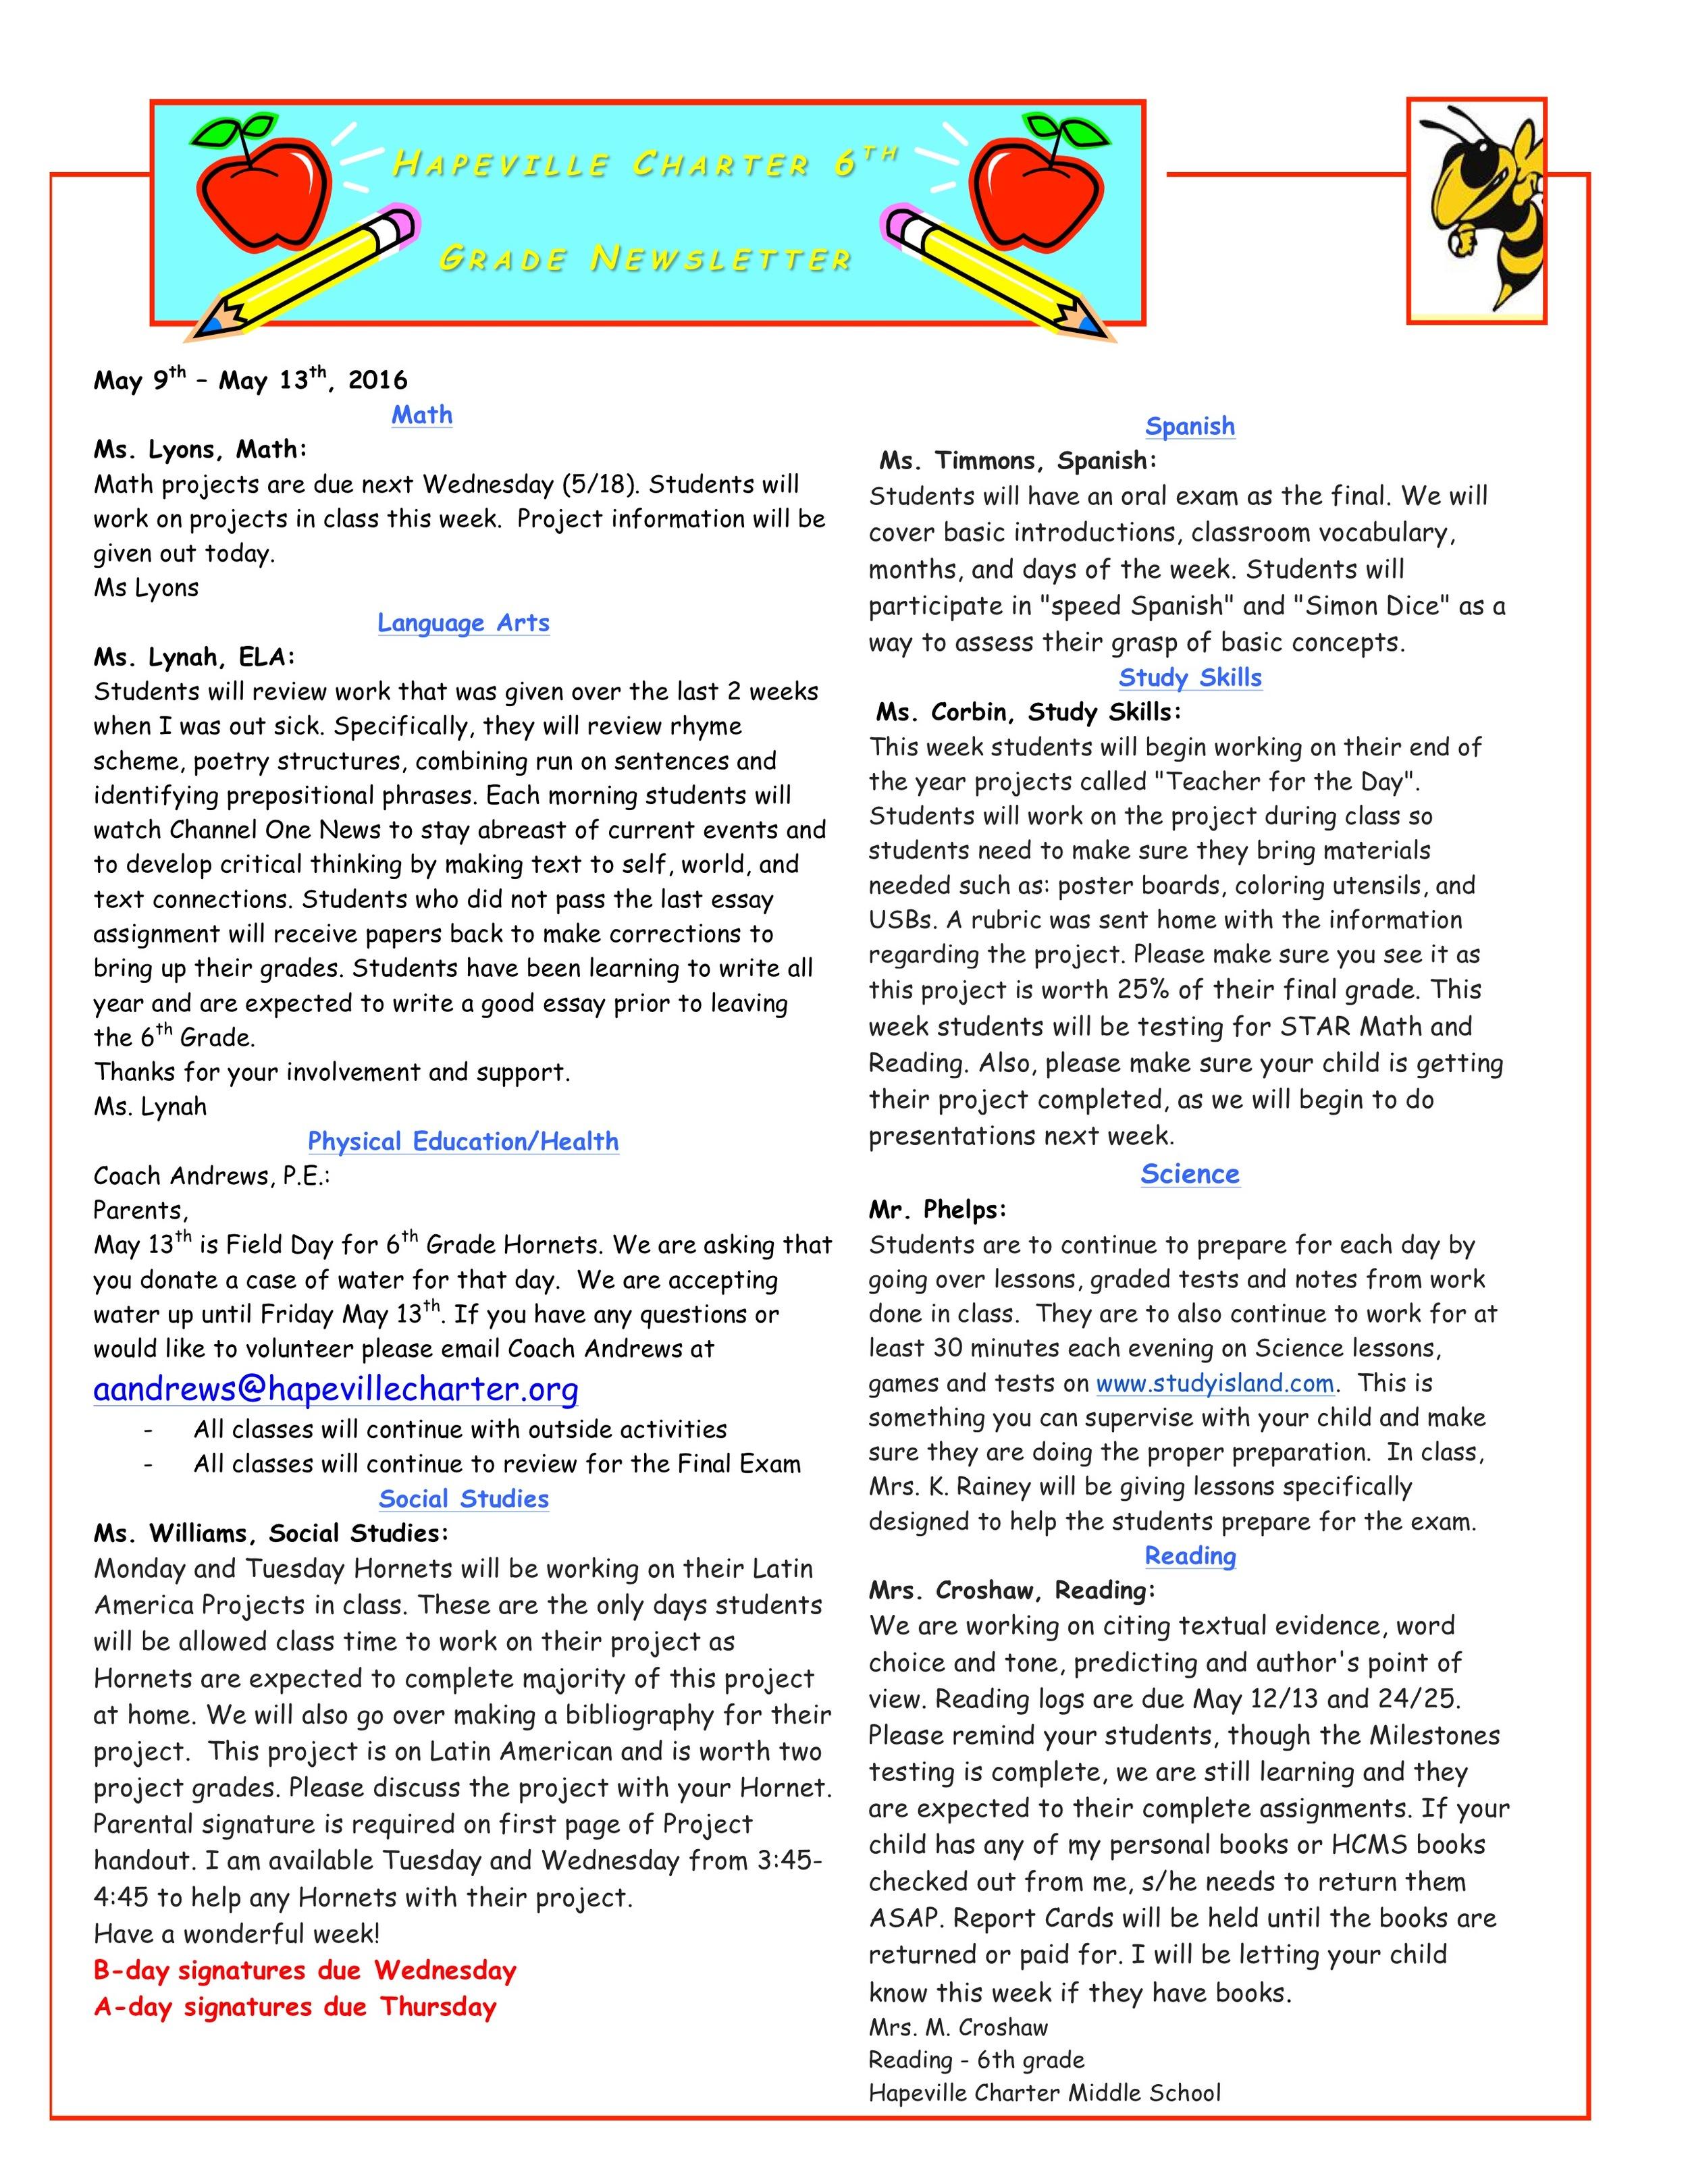 Newsletter Image6th Grade Newsletter 5.9.2016.jpeg